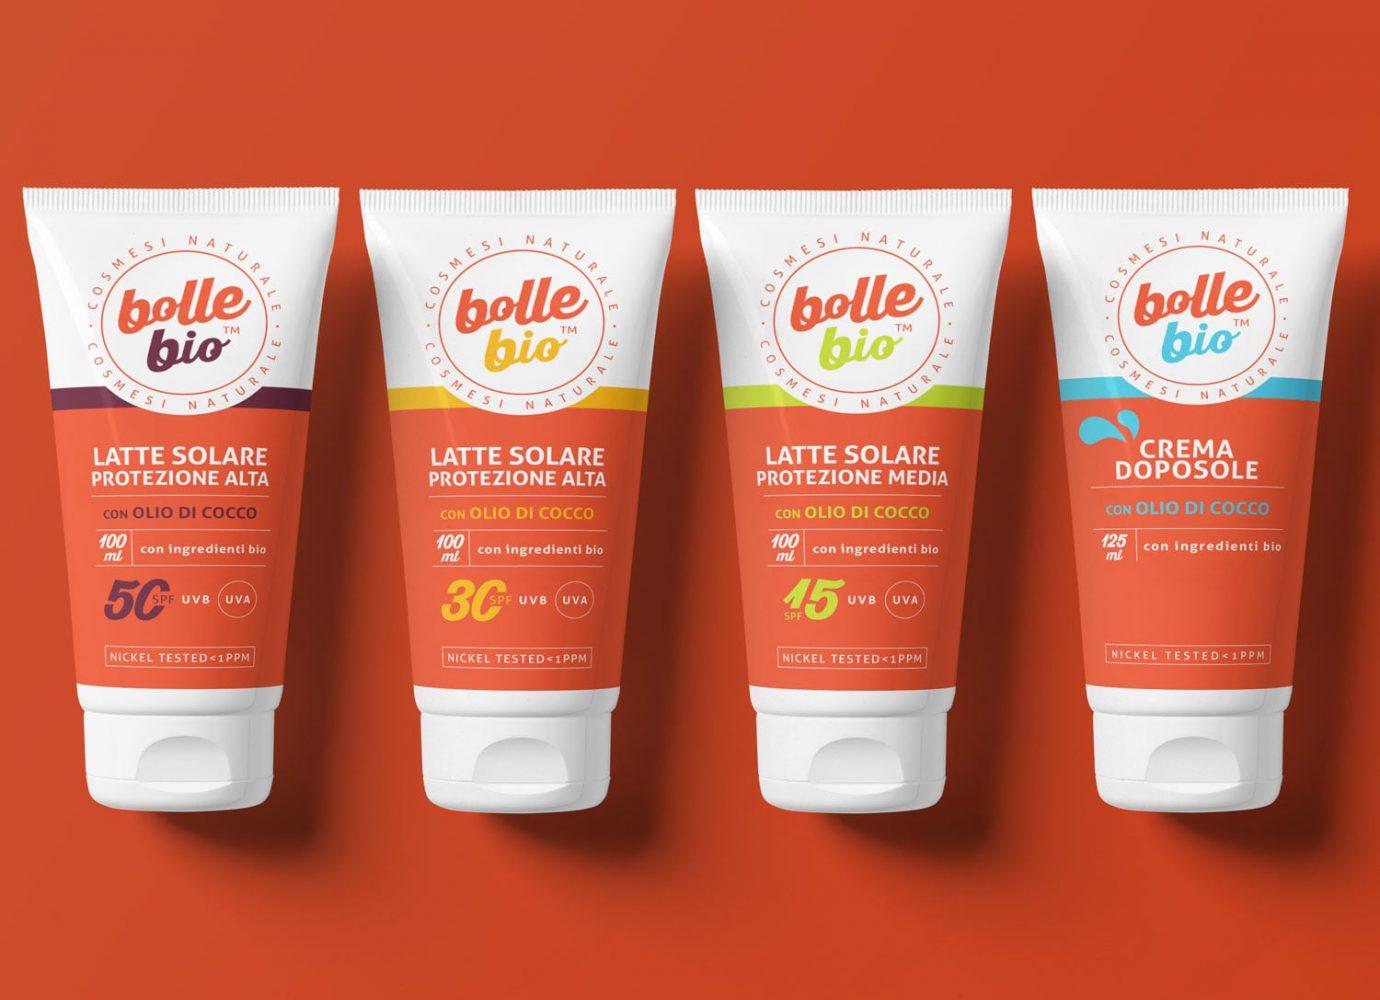 Packaging design di tubo latti solari e crema doposole di cosmesi naturale per millennial realizzato da WillBe